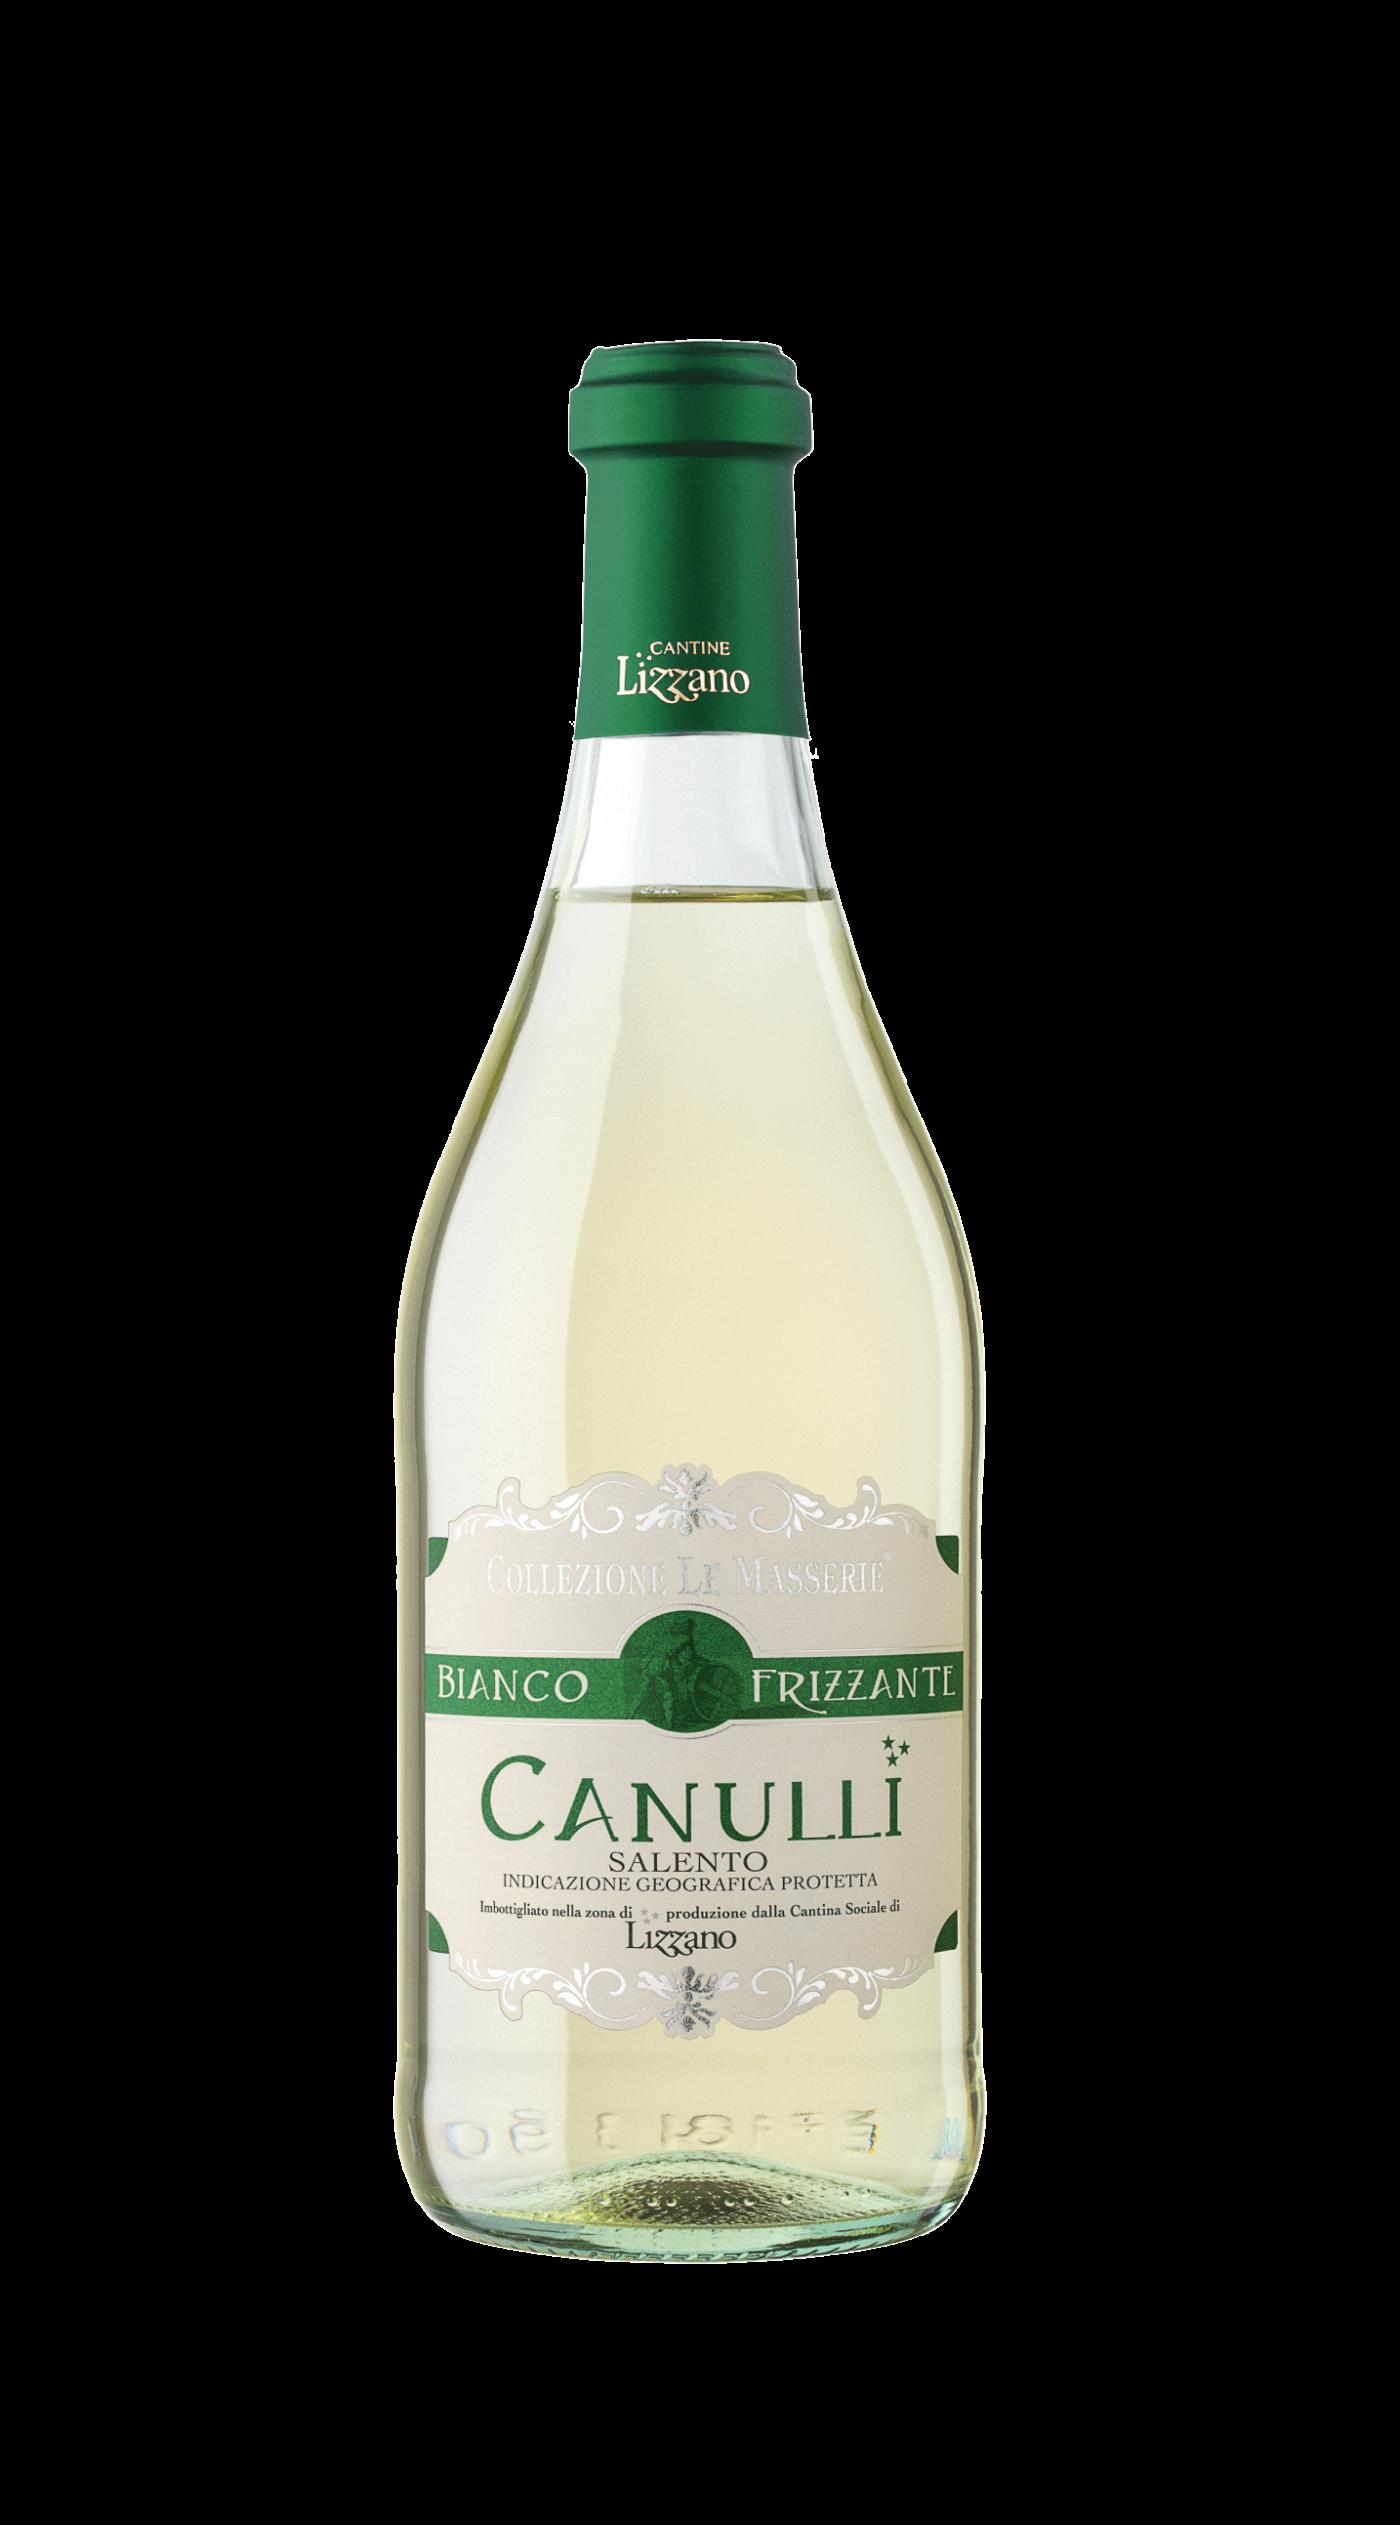 canulli-sito